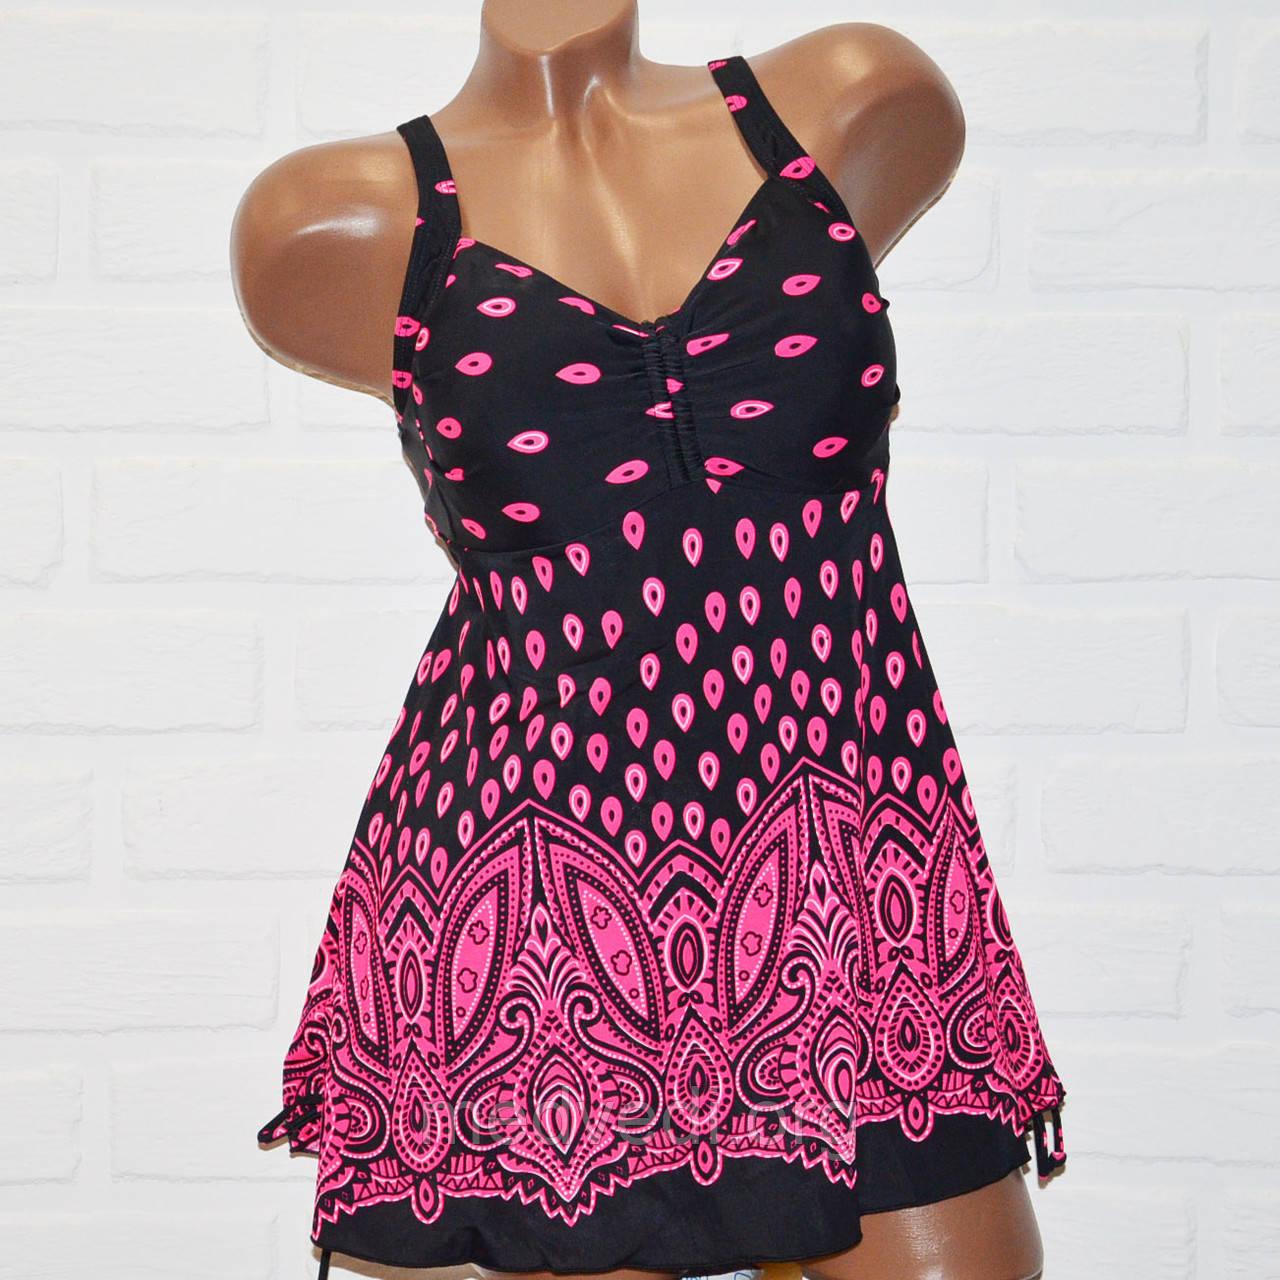 Танкини большой размер 54 черный с розовым рисунком, купальник платье шорты